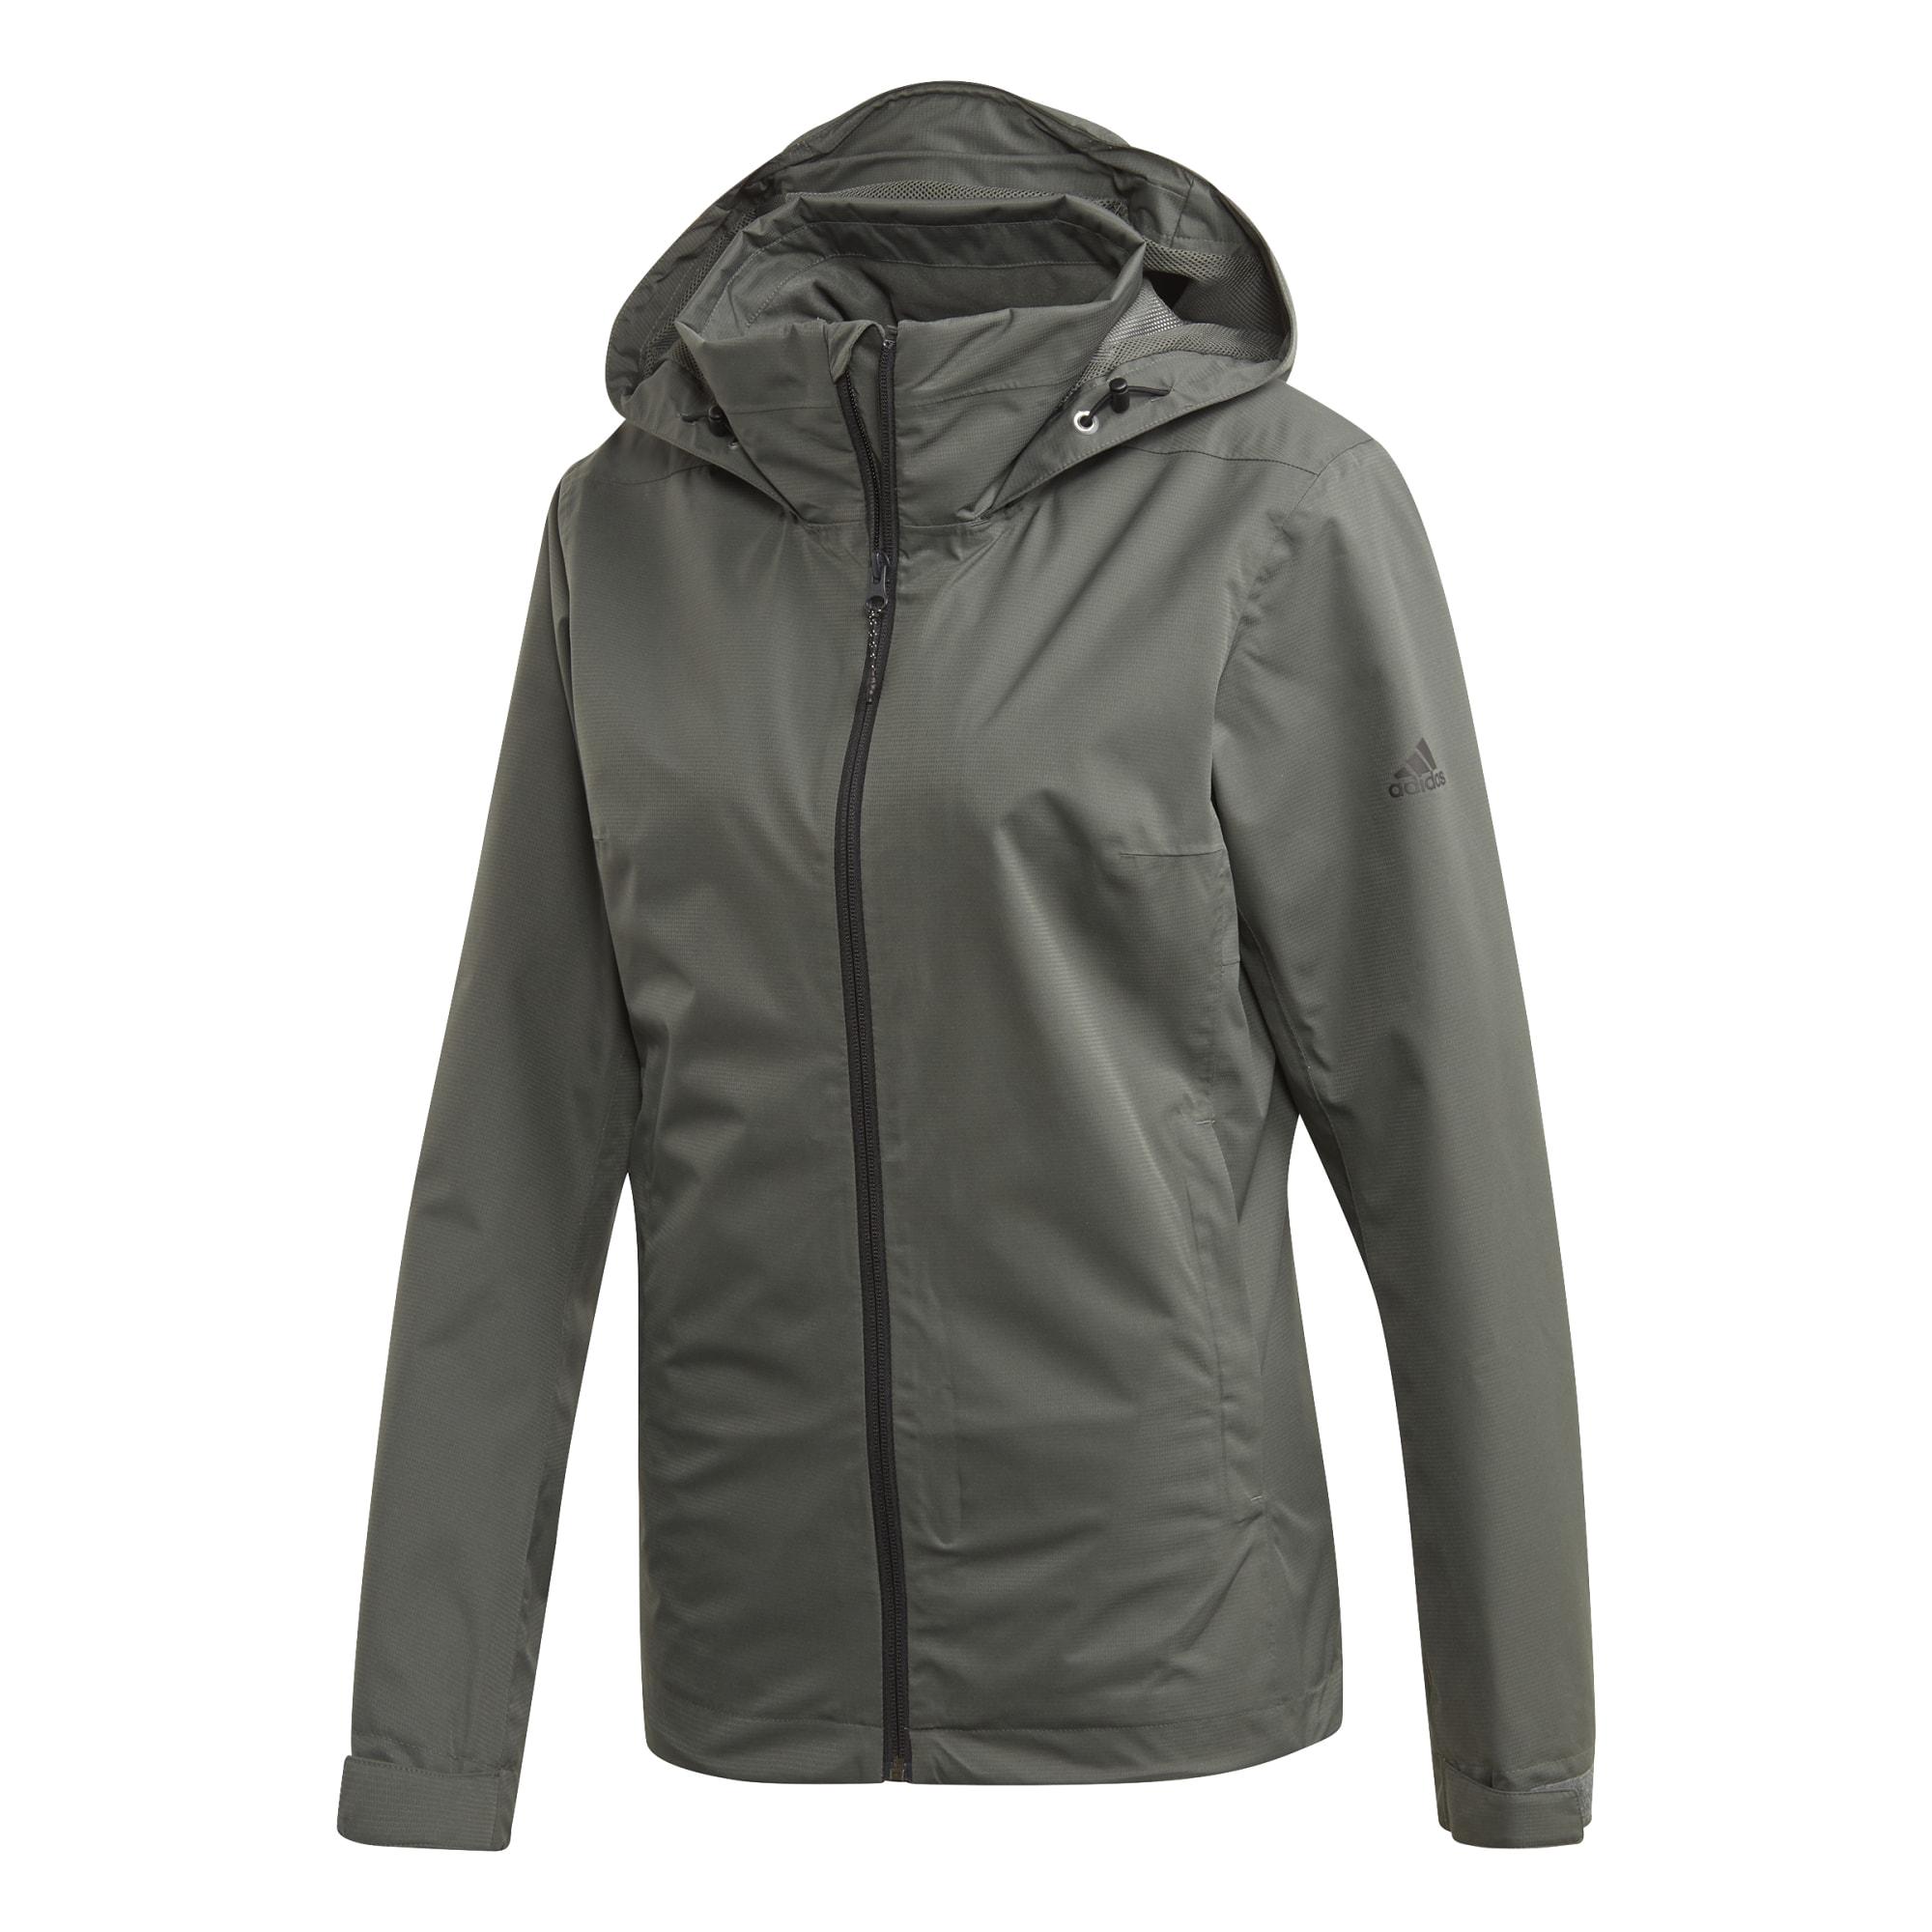 b1b75d735b26 Adidas Outdoor Stockhorn Fleece Jacket Hoodies II - Women s — CampSaver